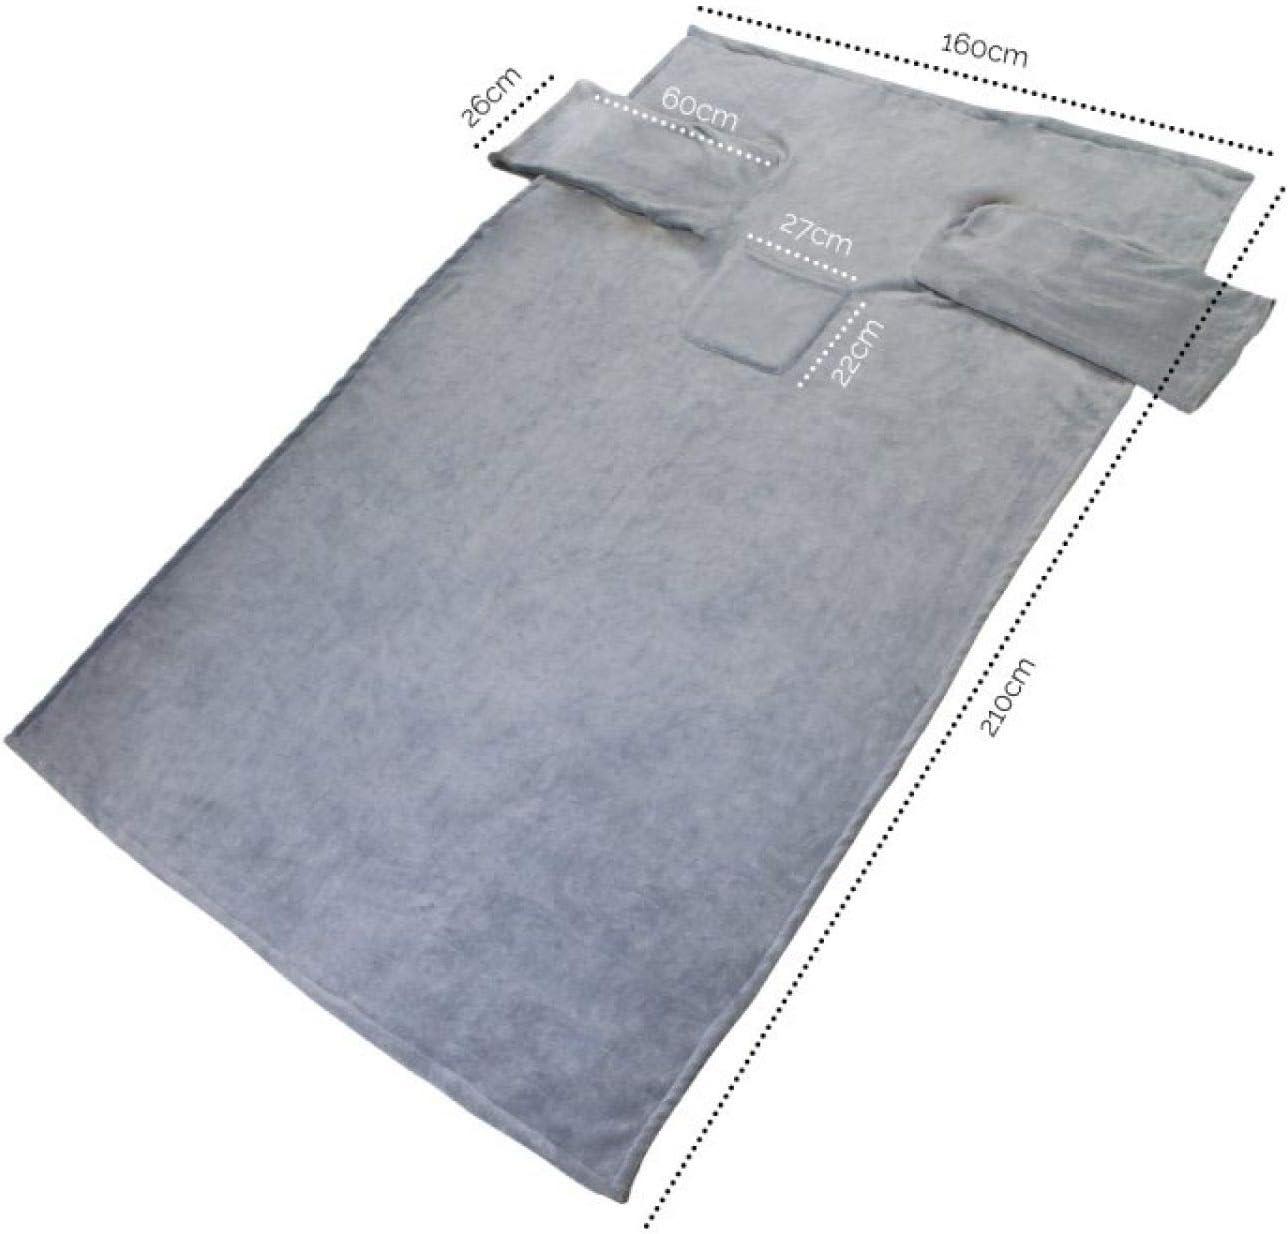 Vivezen /® Couverture polaire plaid int/égral avec manches et poche Norme CE 2 tailles 3 coloris